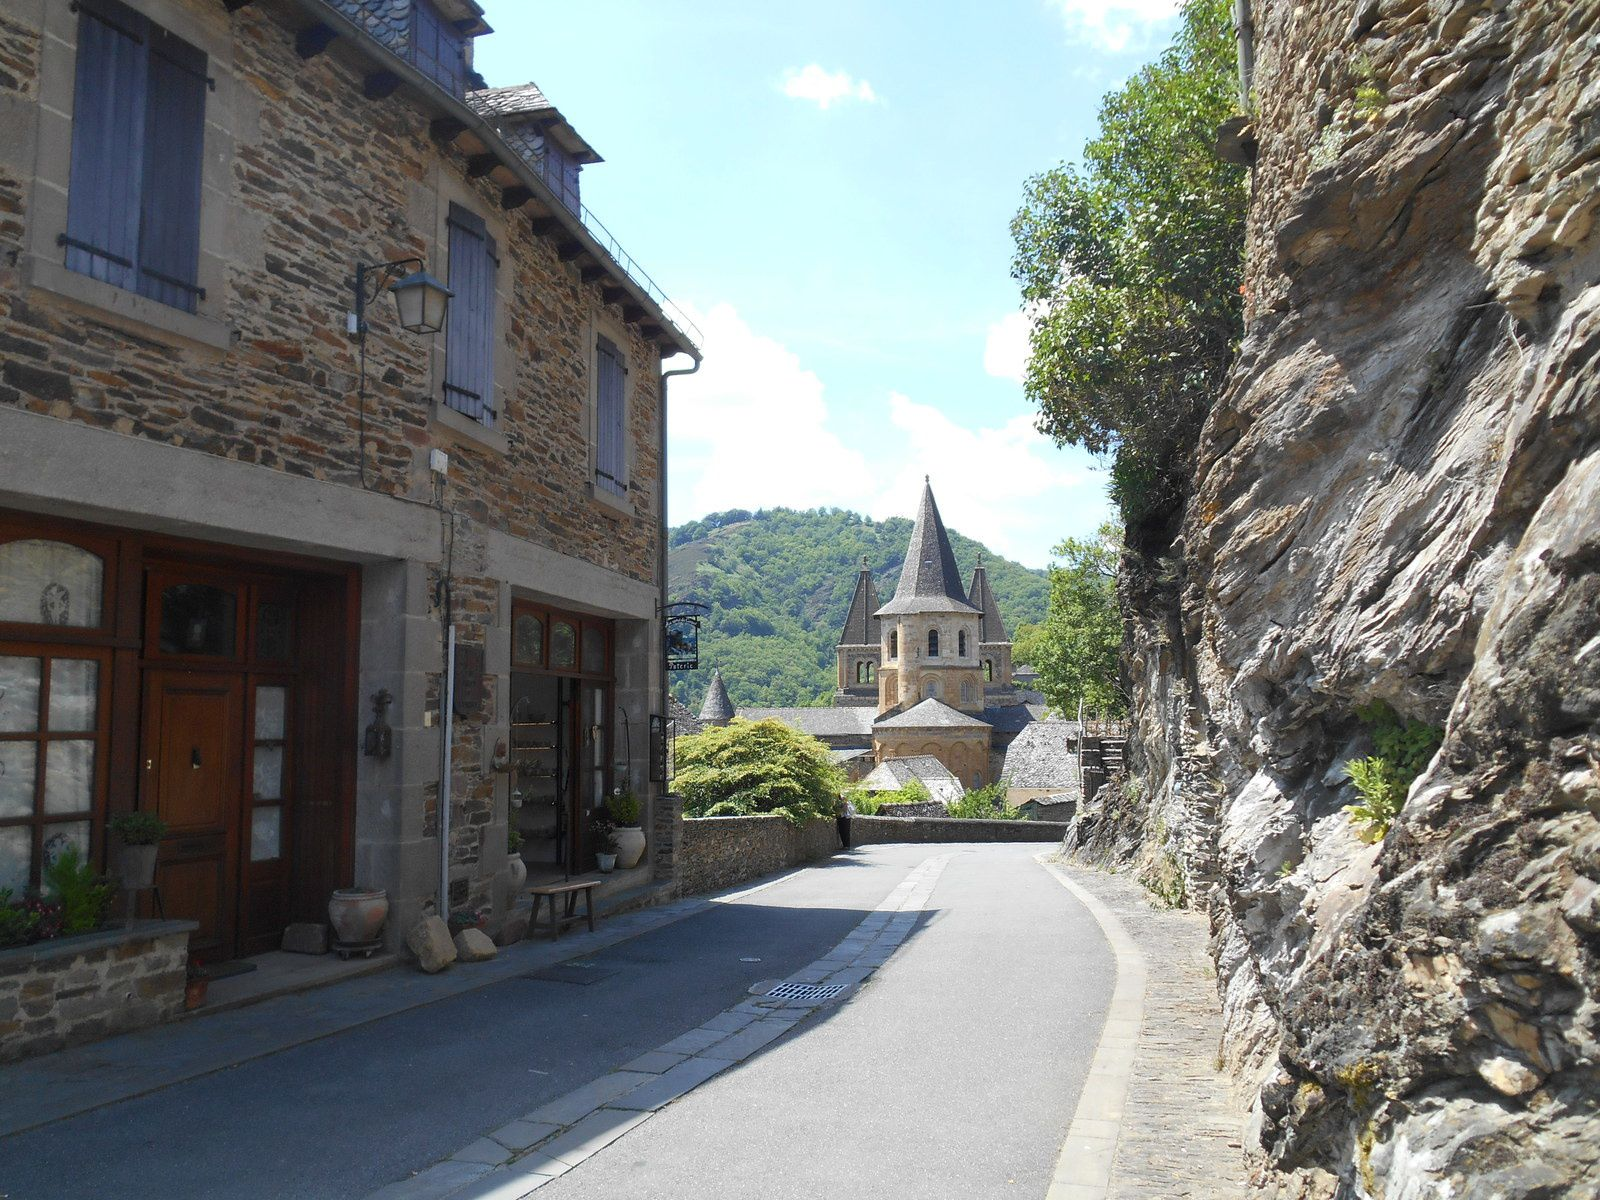 Entrée du village et première vue sur l'église abbatiale Sainte-Foy.